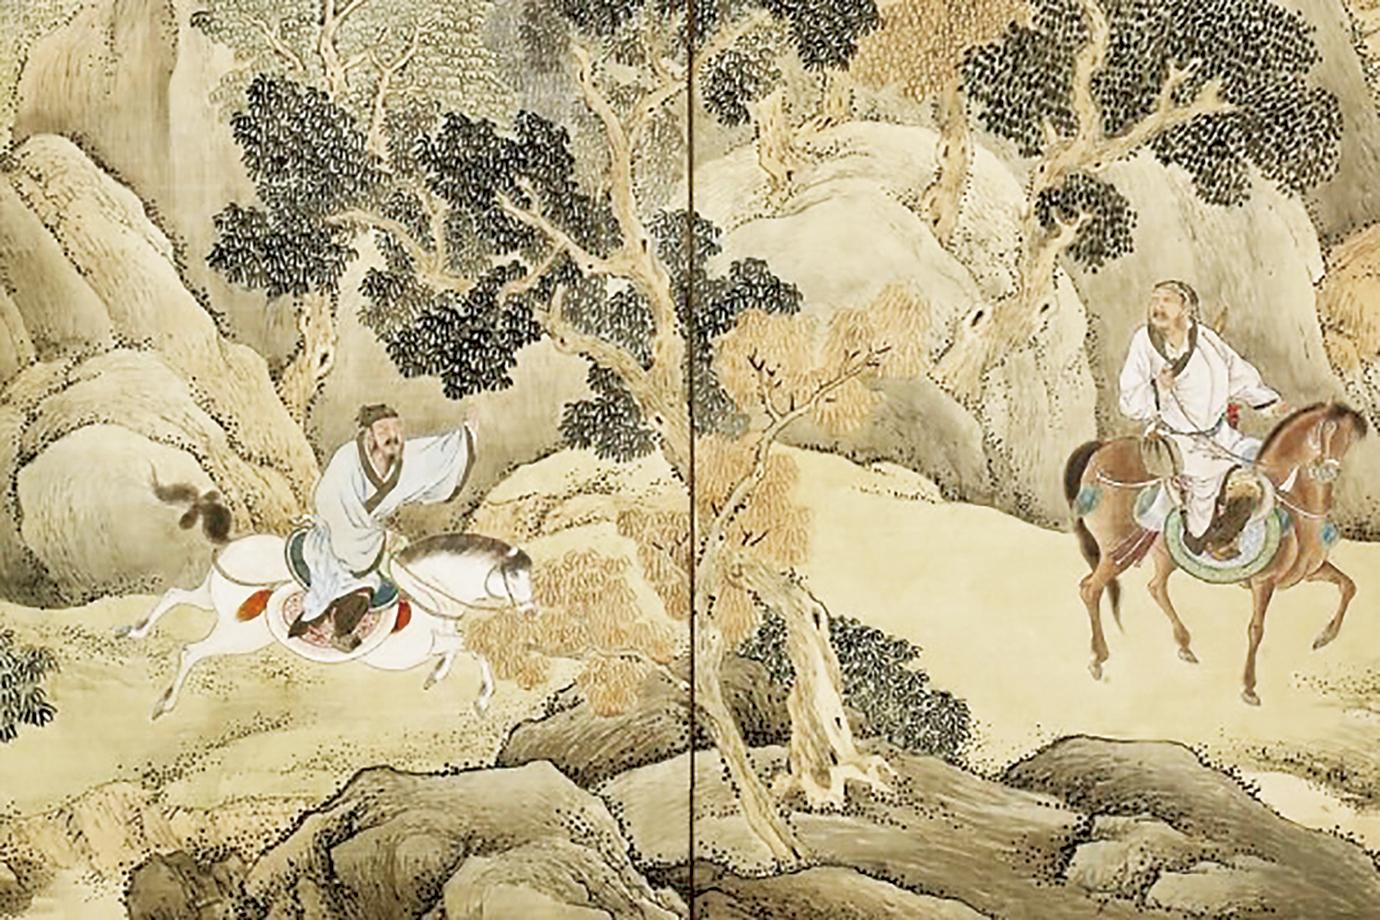 《蕭何追韓信圖》(局部),日本江戶時代畫家與謝蕪村繪,京都野村美術館藏。(公共領域)